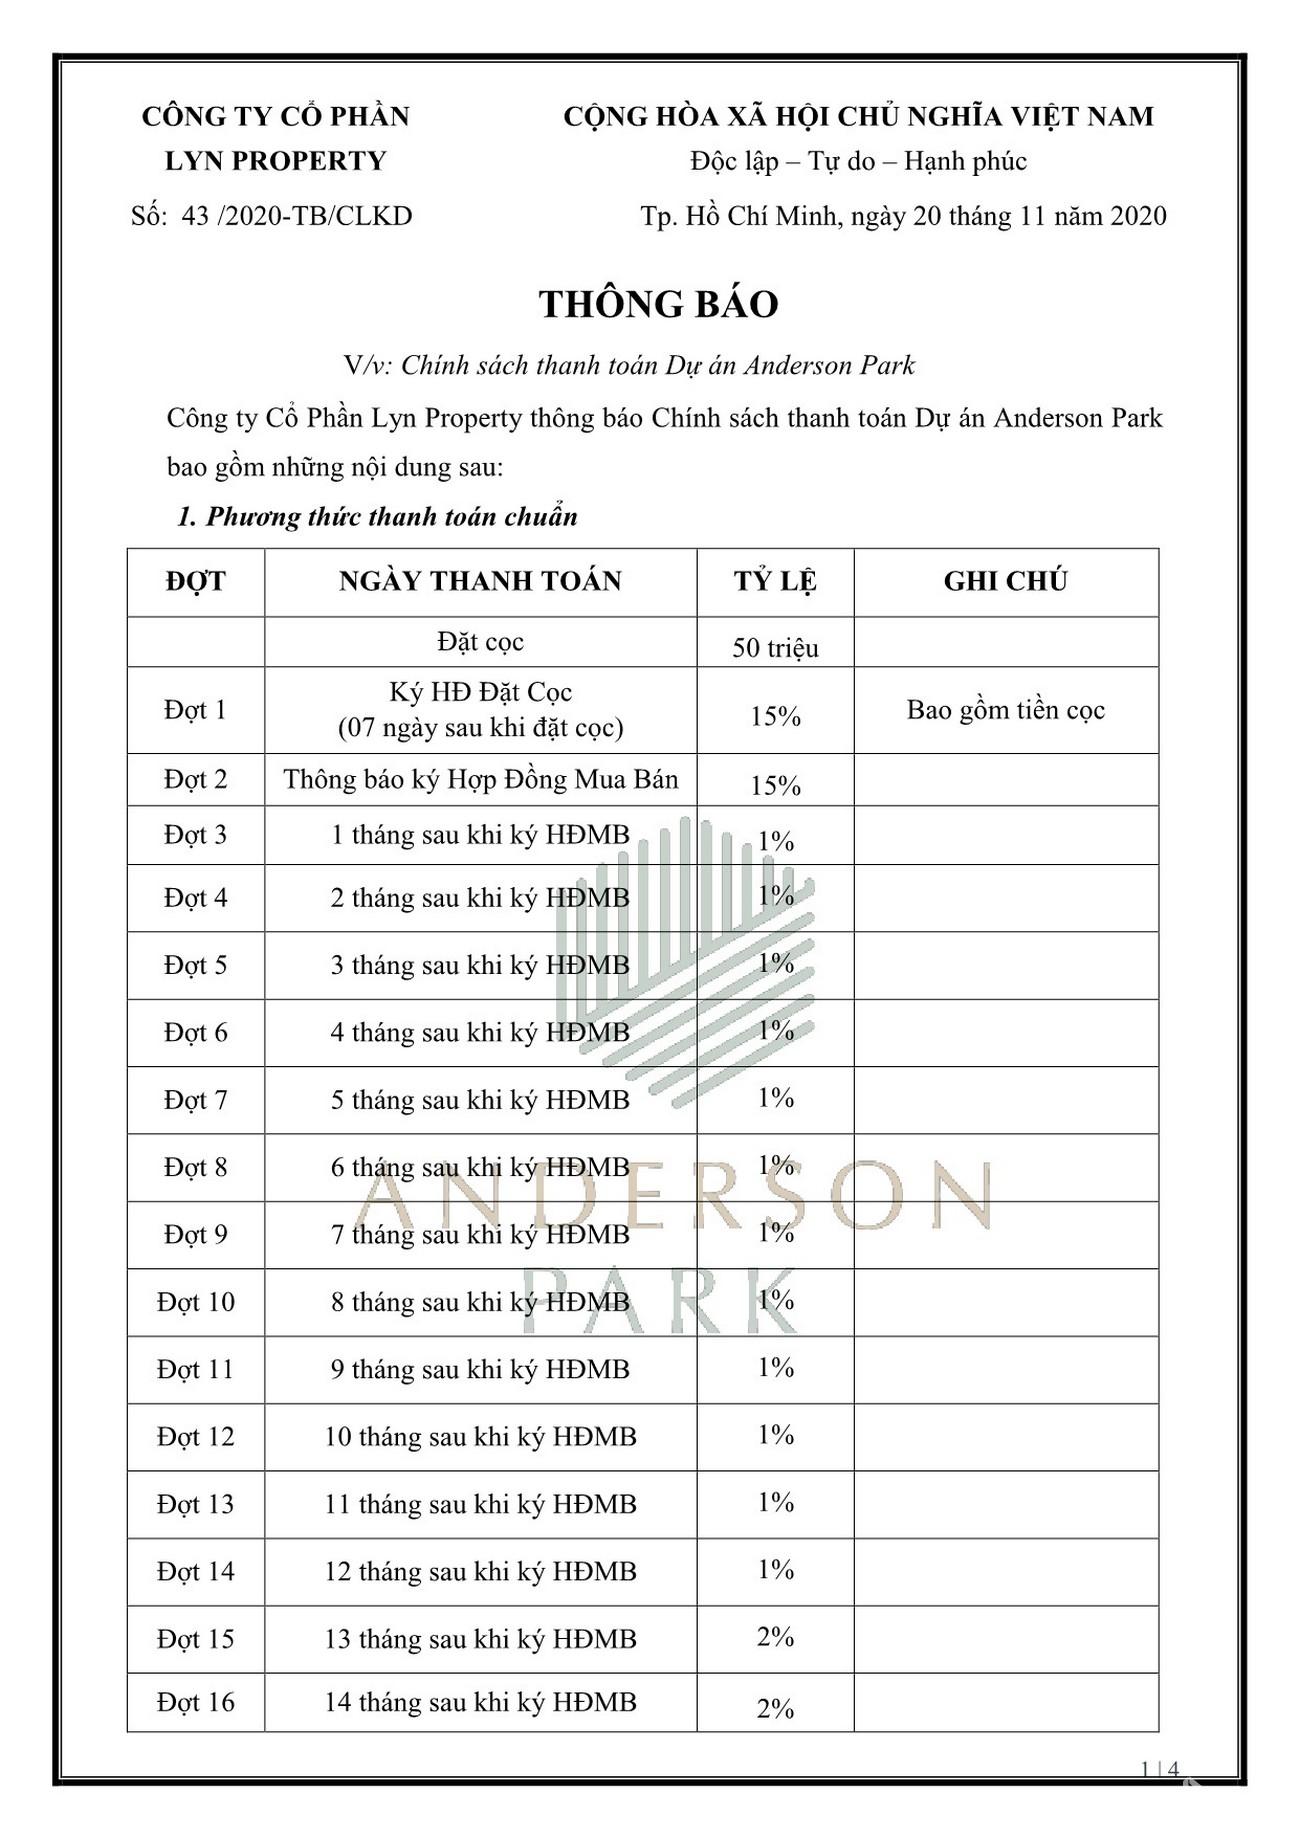 Phương thức thanh toán dự án căn hộ chung cư Anderson Park Thuận An Bình Dương